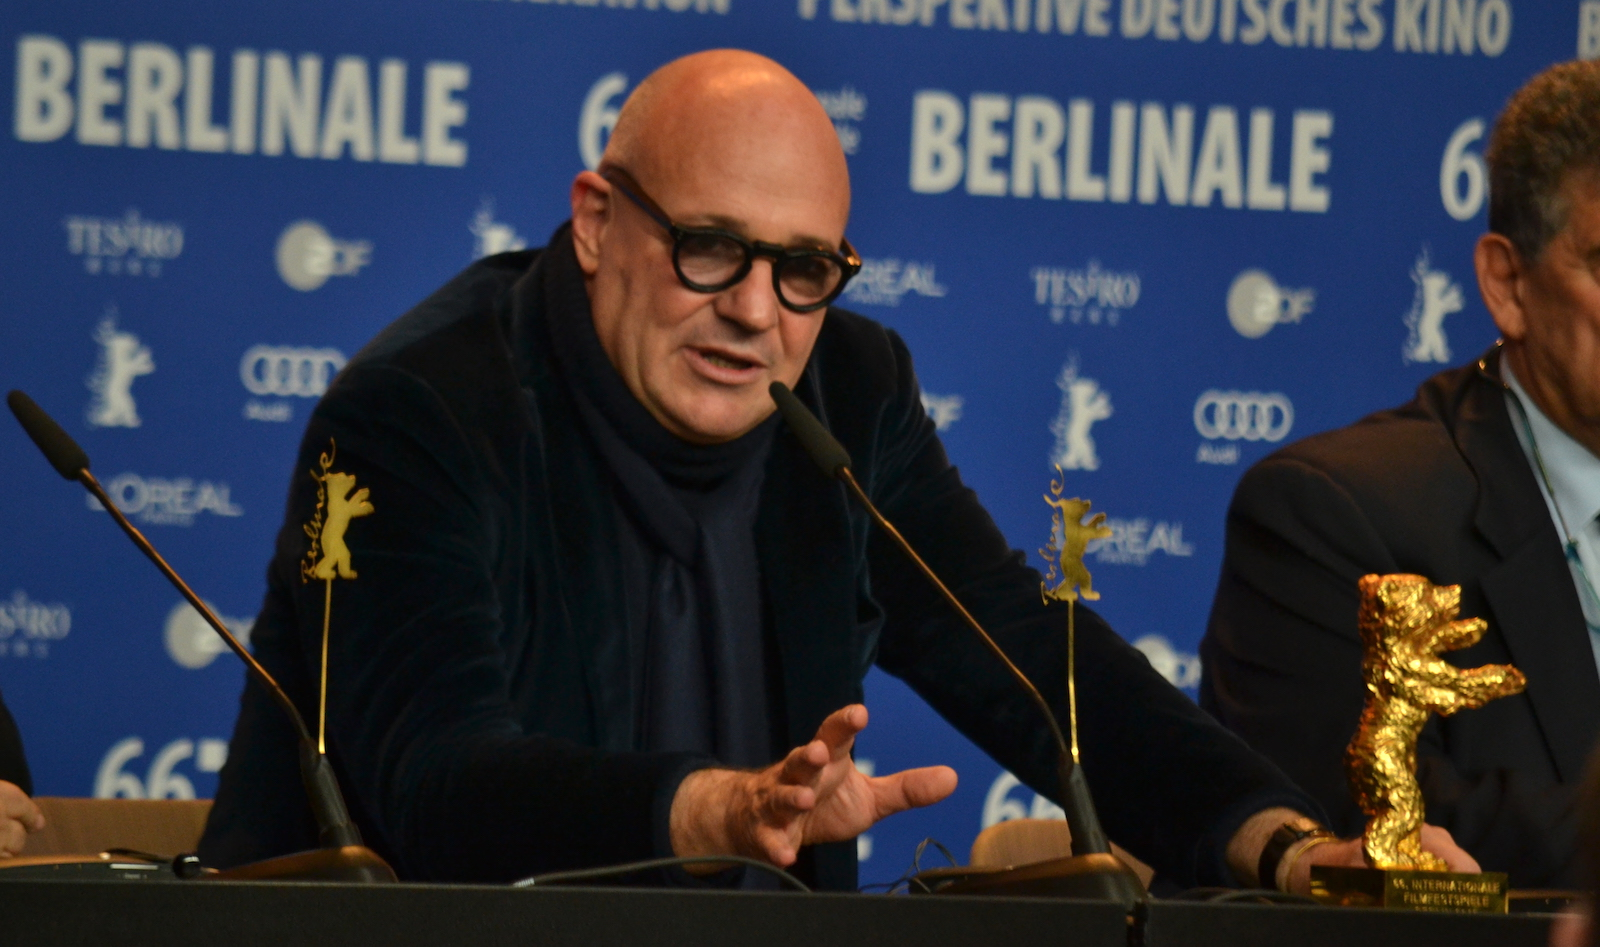 Berlino 2016: Gianfranco Rosi risponde alle domande durante la conferenza dei premiati